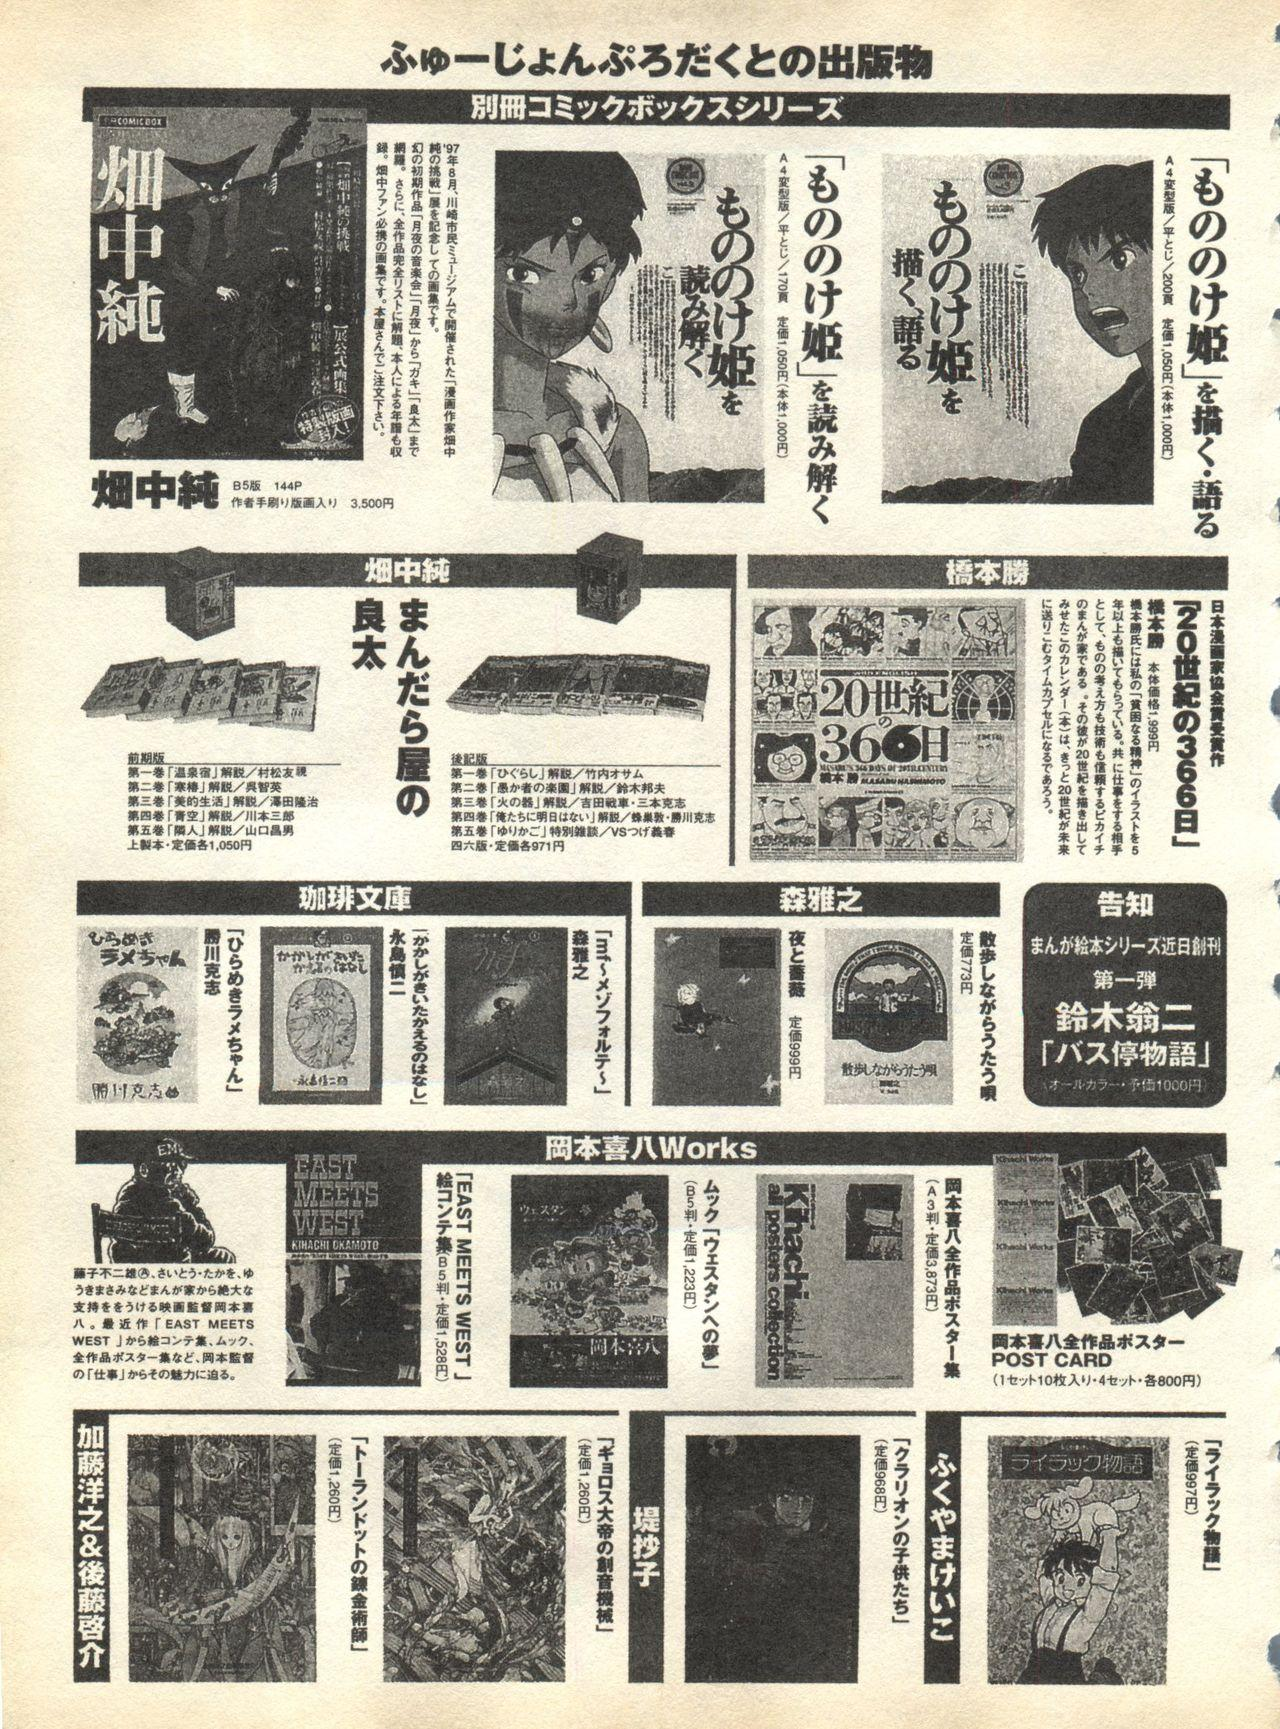 Pai;kuu 1998 October Vol. 13 254